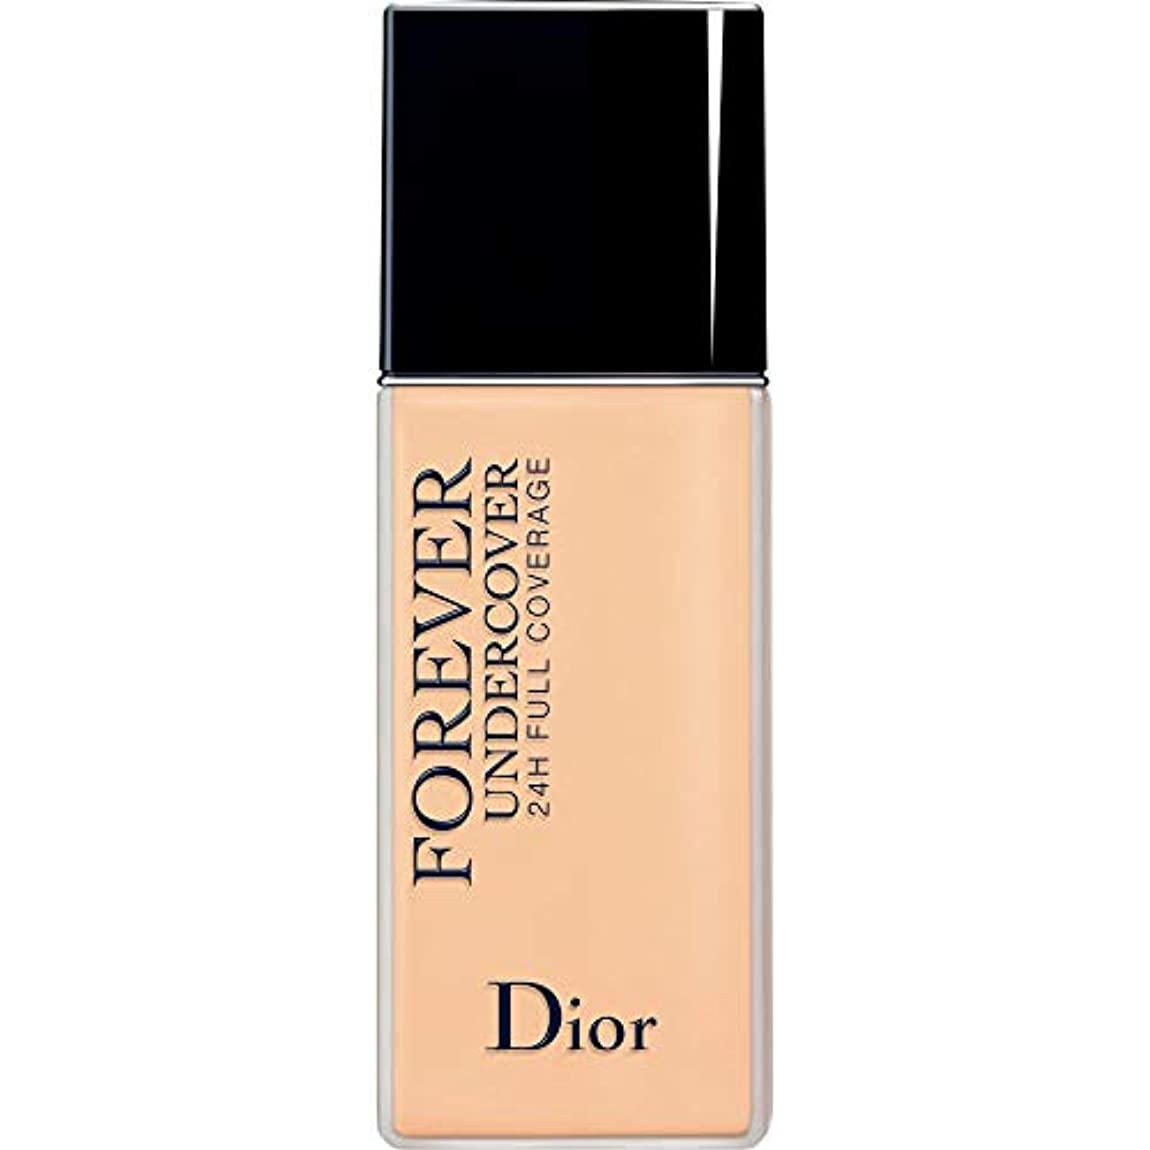 実用的ホームレス仲良し[Dior ] ディオールディオールスキン永遠アンダーカバーフルカバーの基礎40ミリリットル021 - リネン - DIOR Diorskin Forever Undercover Full Coverage Foundation...